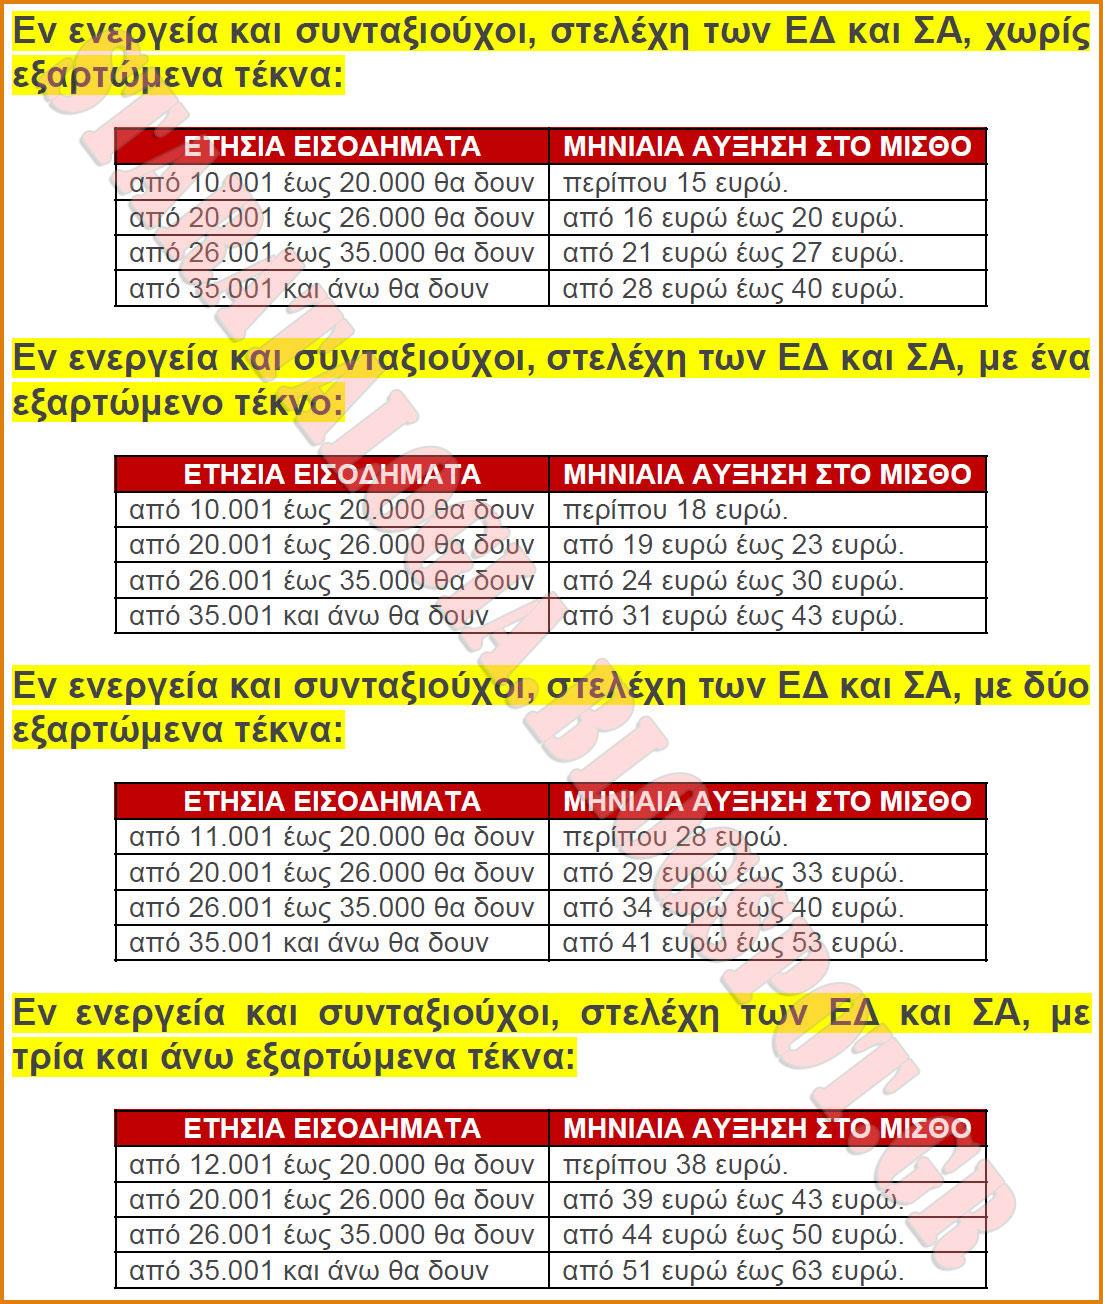 Δείτε Πίνακες με αυξήσεις που έρχονται σε μισθούς-συντάξεις στελεχών ΕΔ-ΣΑ - Φωτογραφία 2